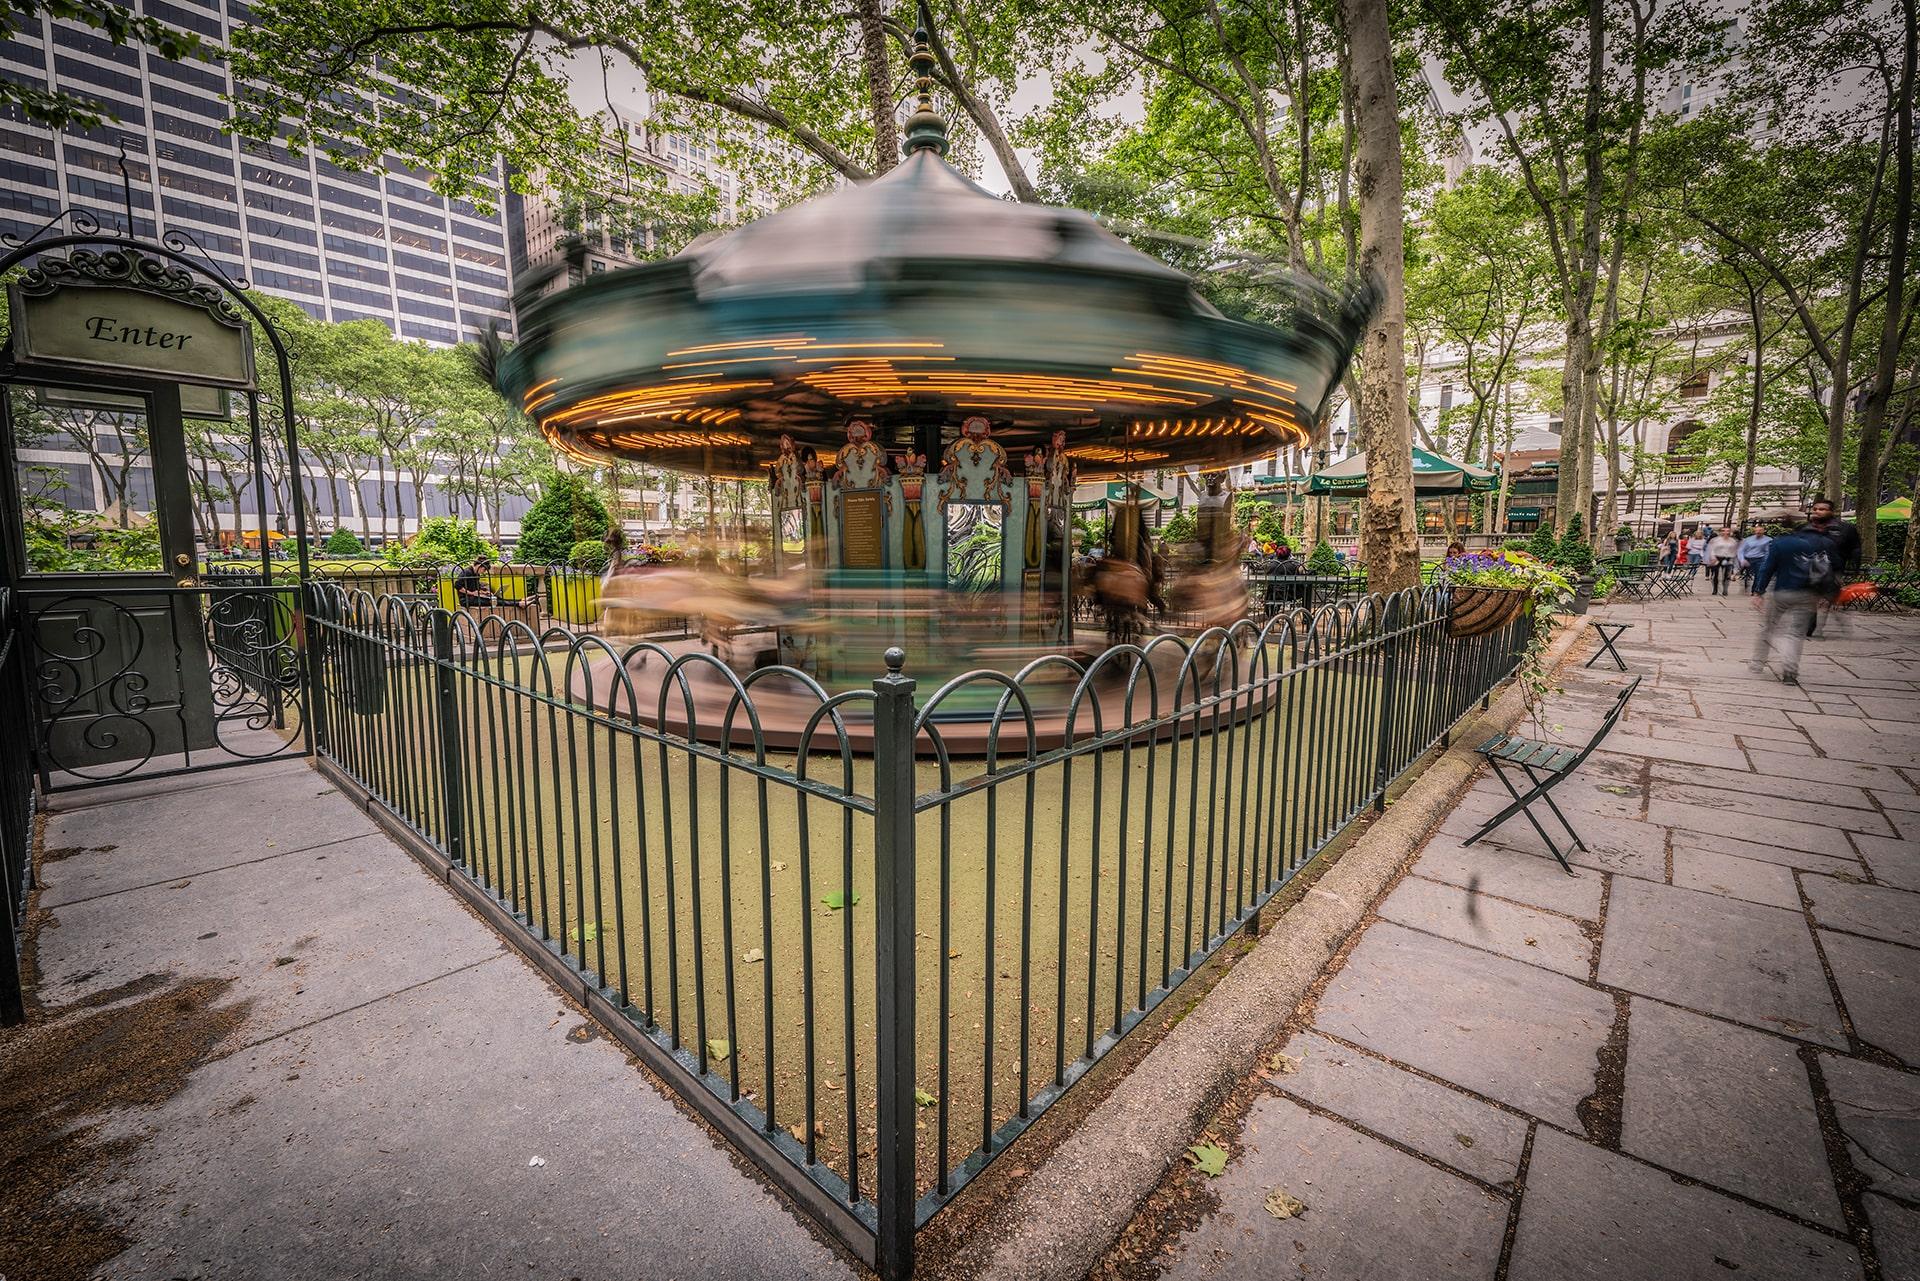 Blog Lifestyle - Un petit tour de manège à Central Park ? - Suivre sa Joie - Saskia Parein